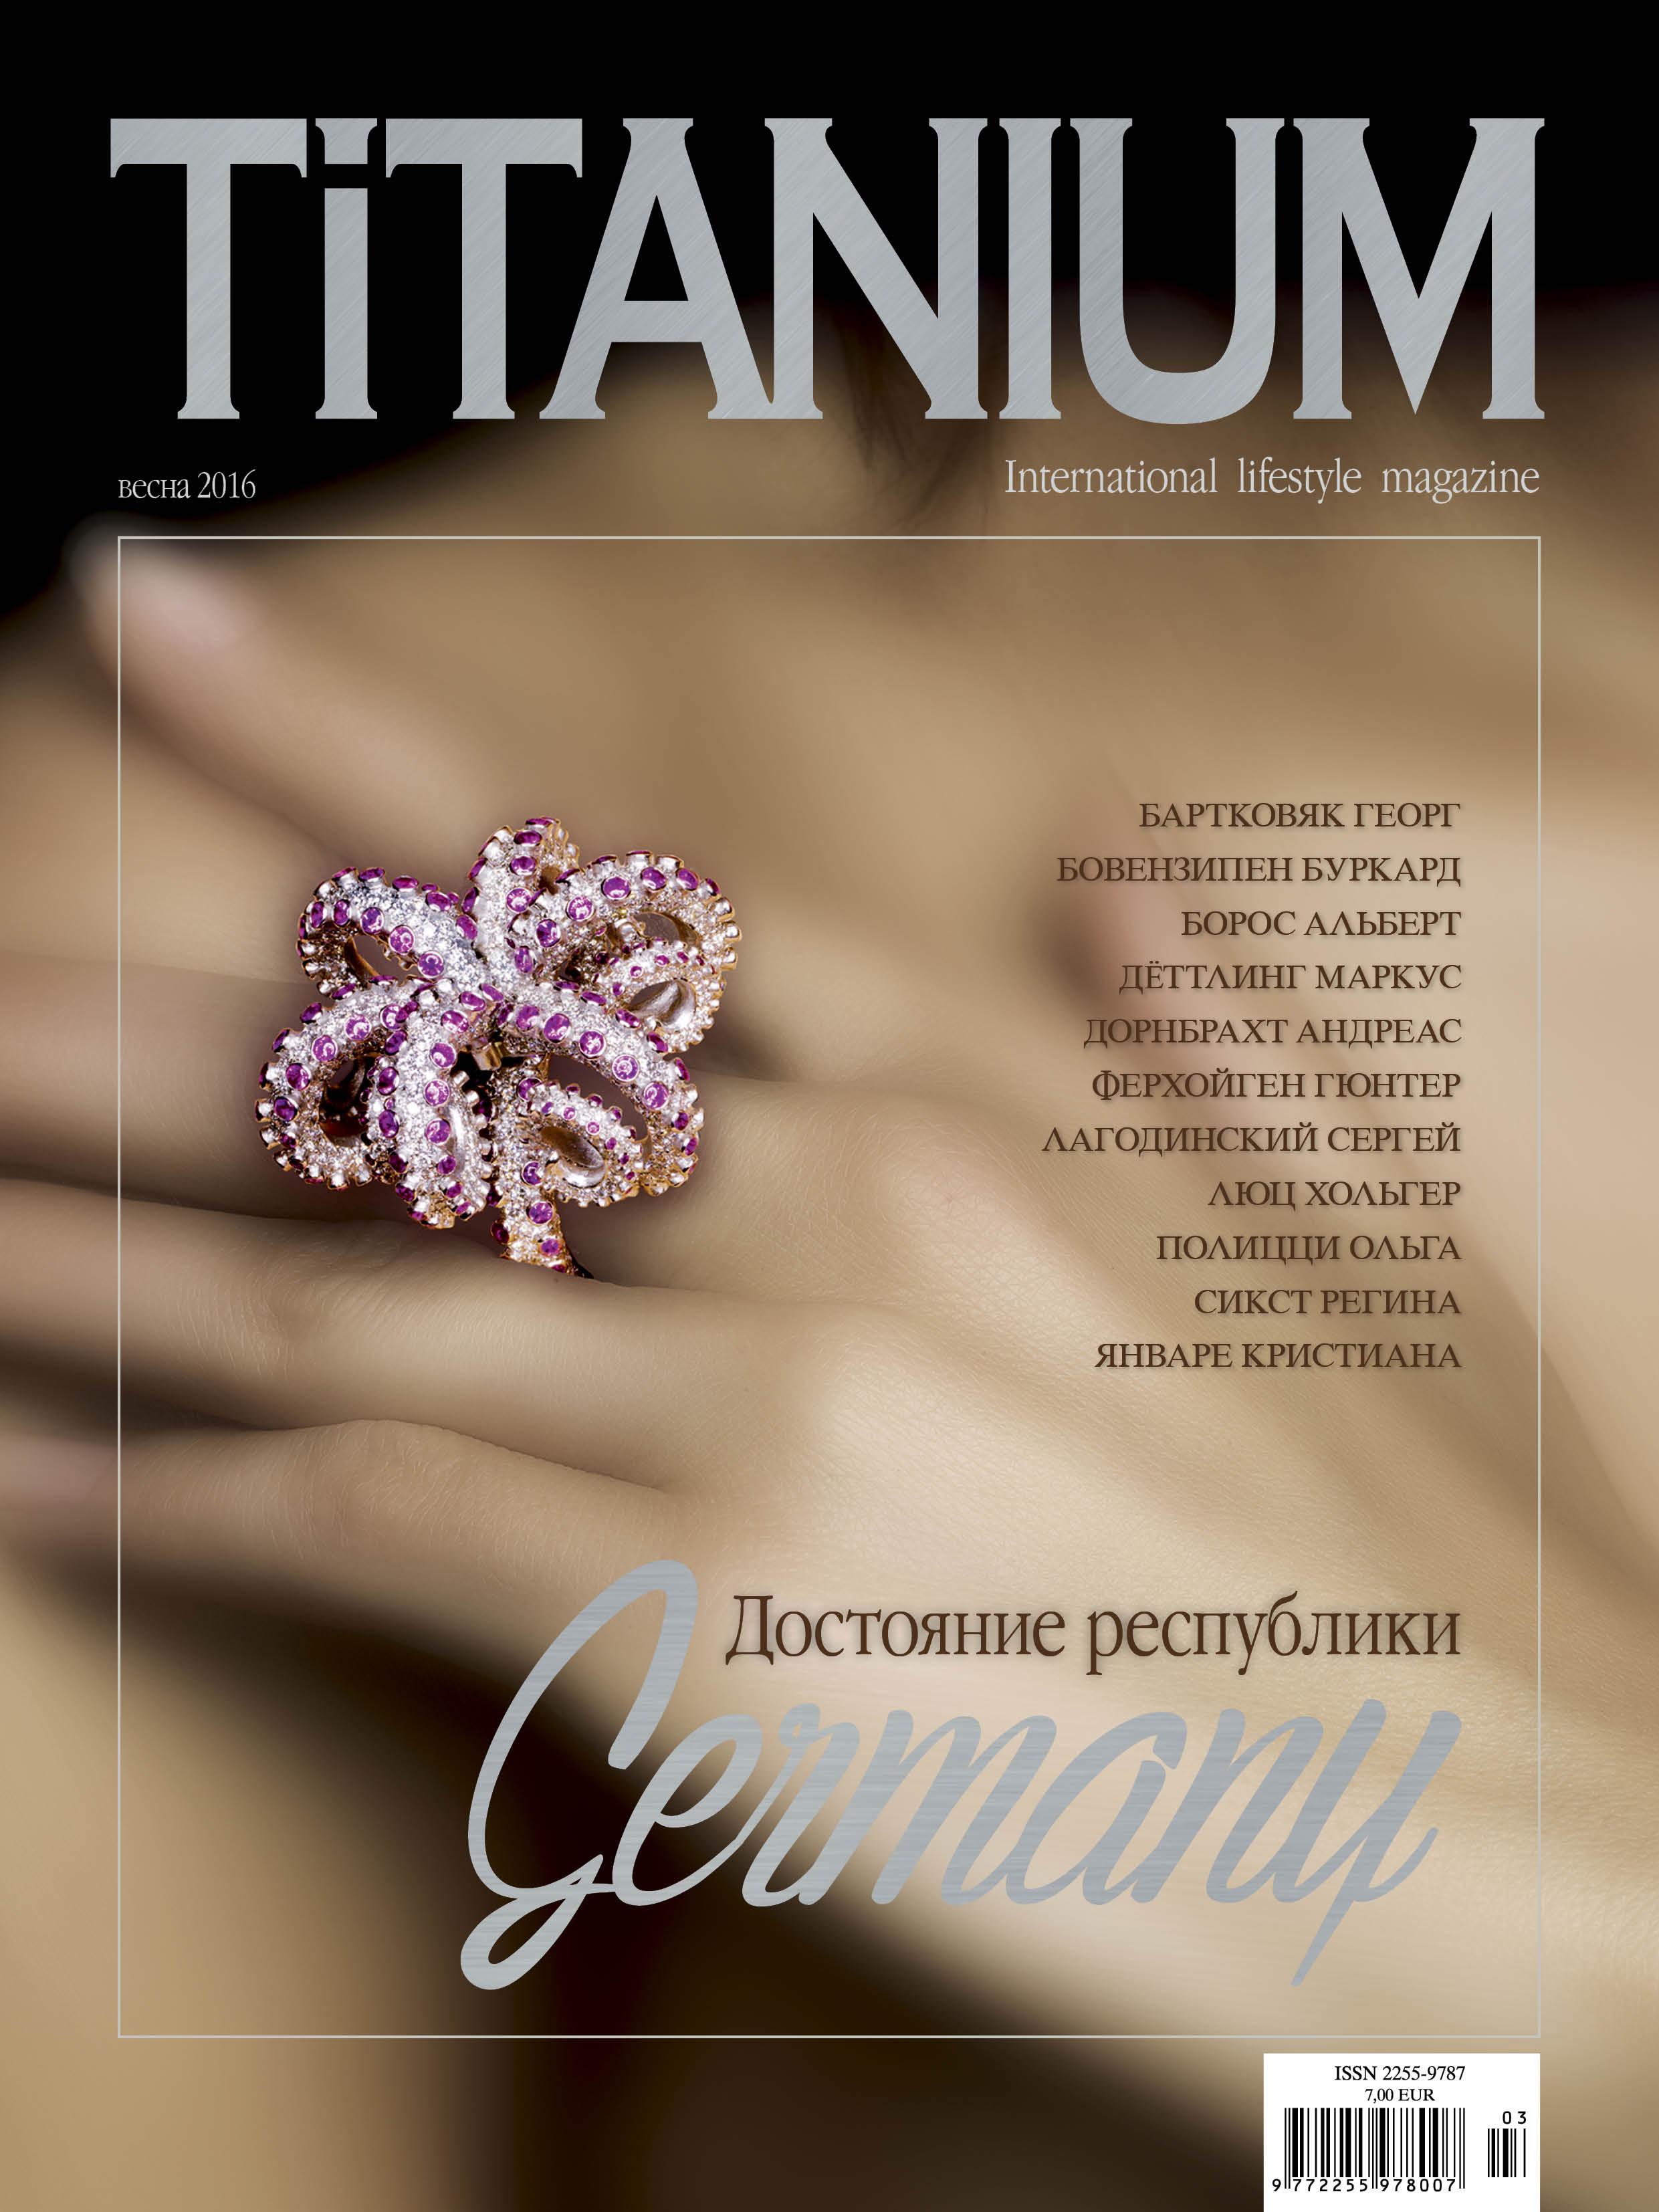 Titanium_cover_351